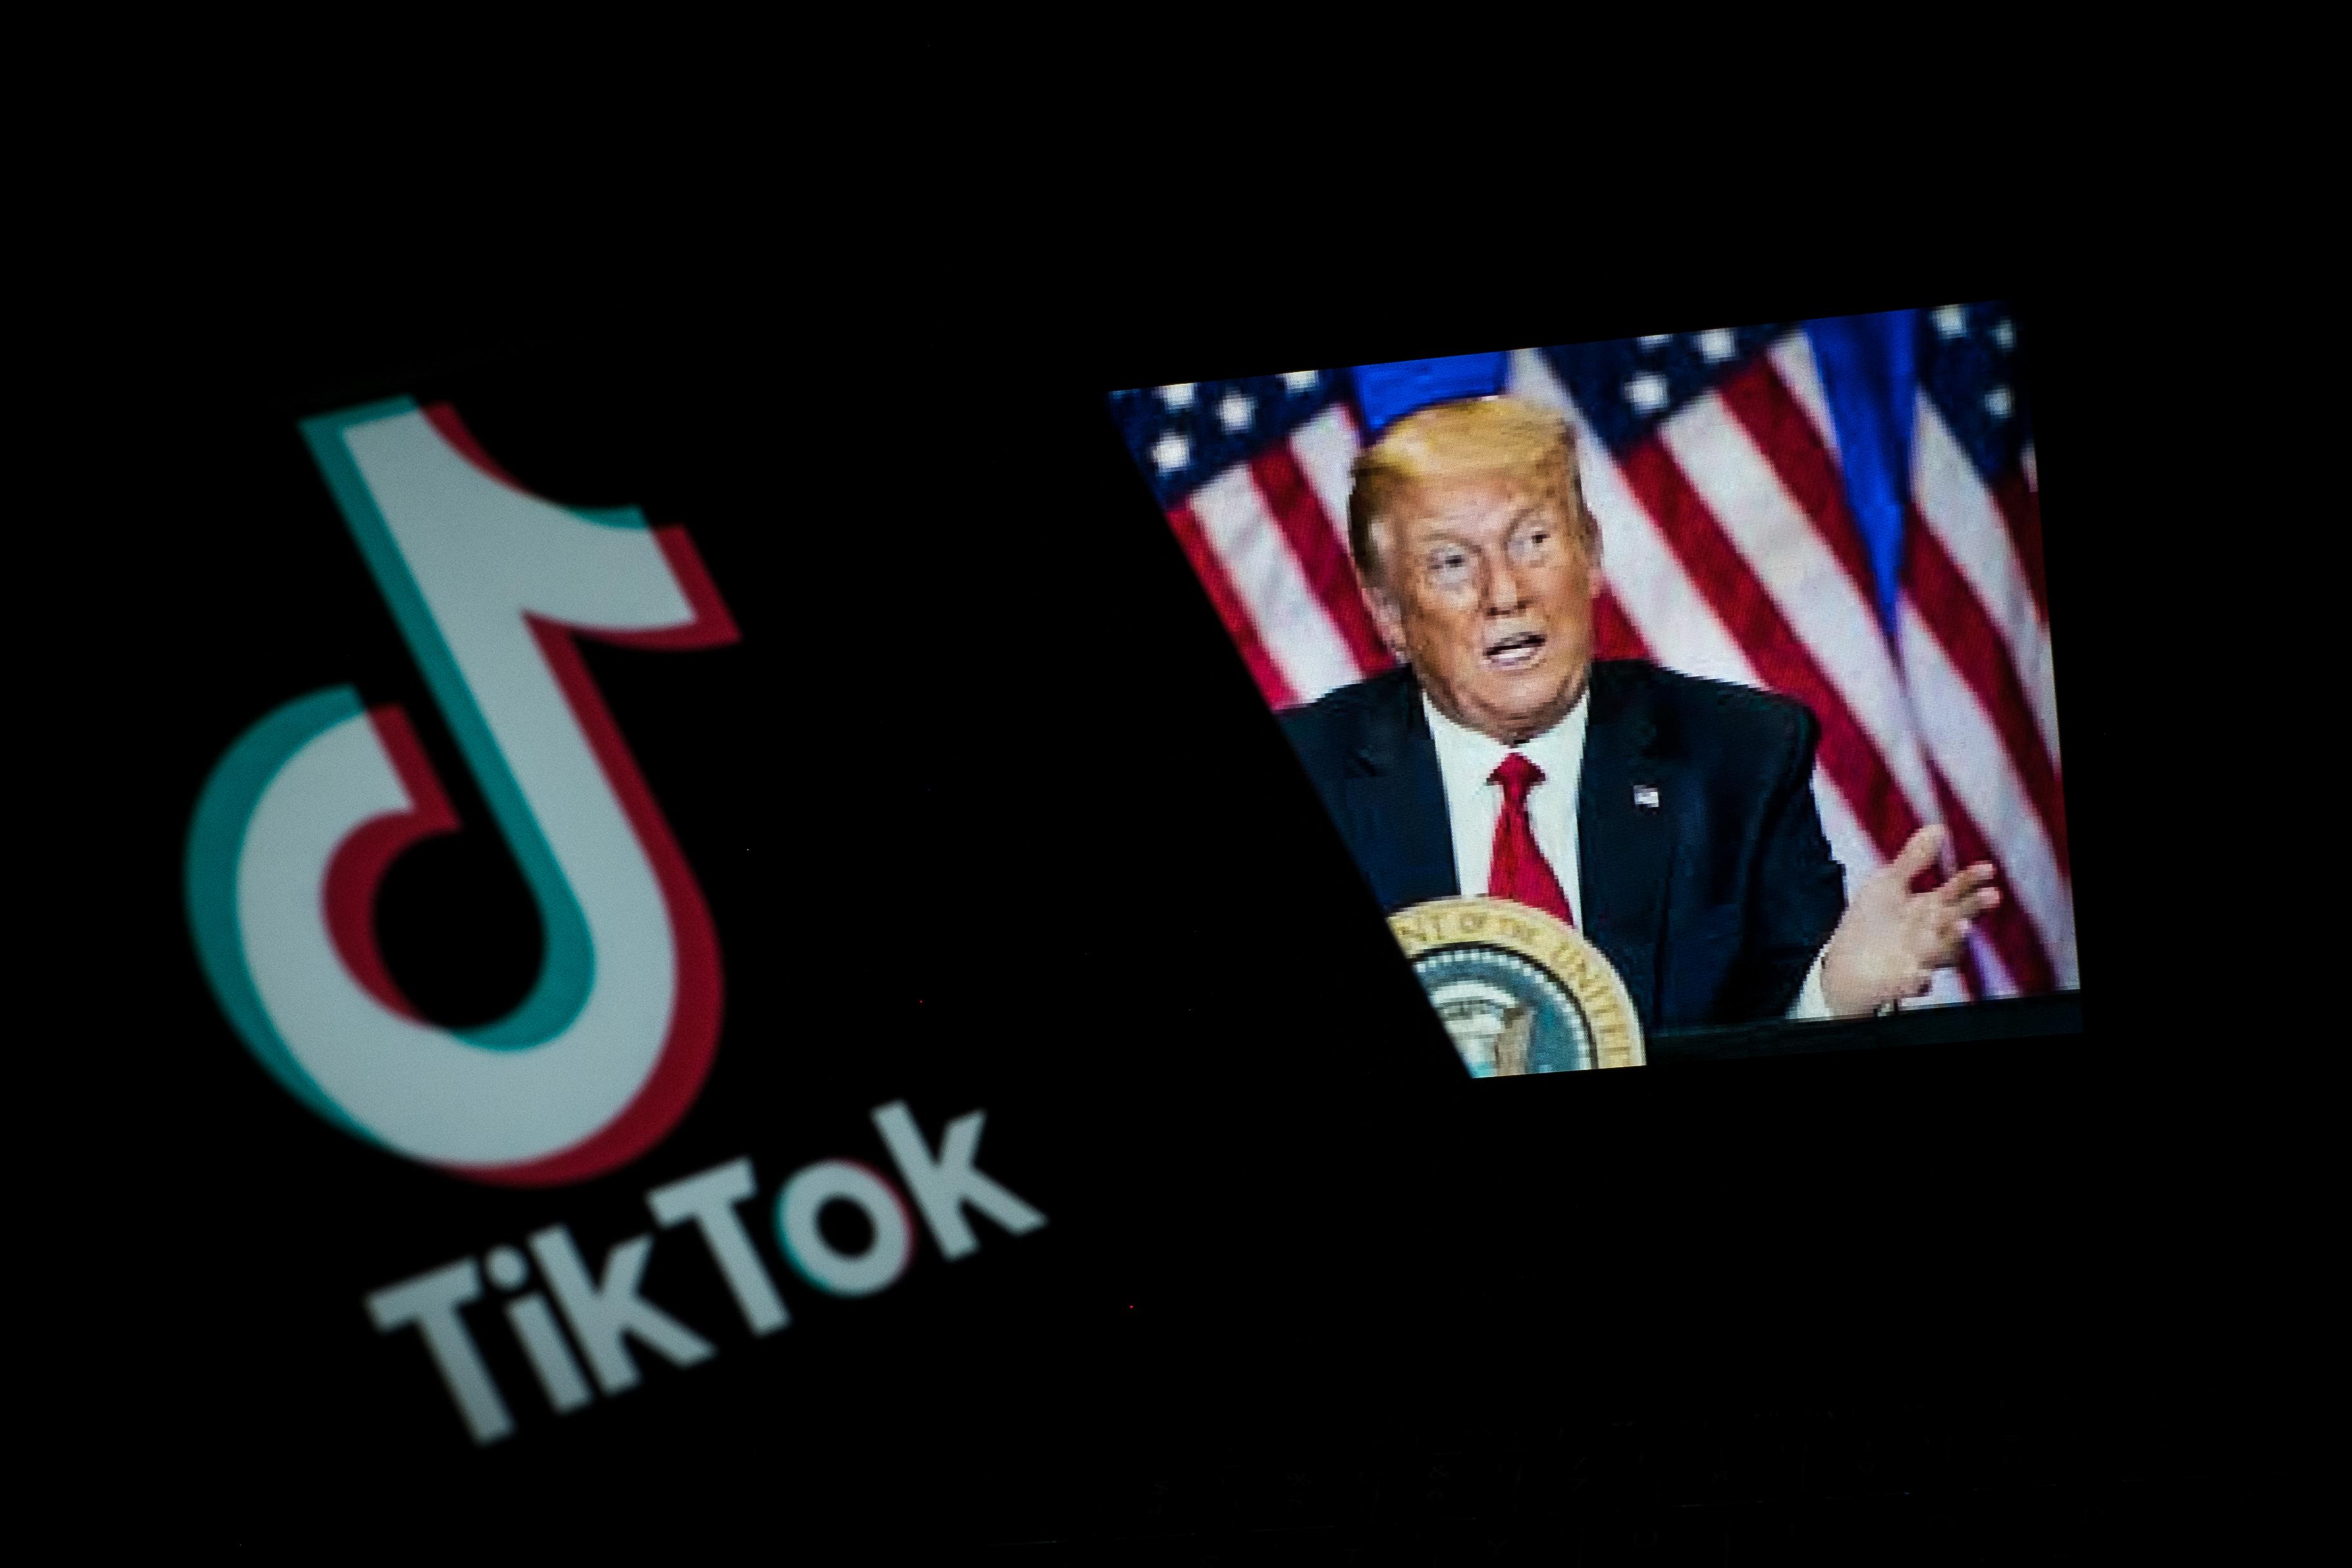 Minden bejegyzést töröl a Facebook, a Twitter és a TikTok, ami a koronavírusos Trump elnök halálát kívánja